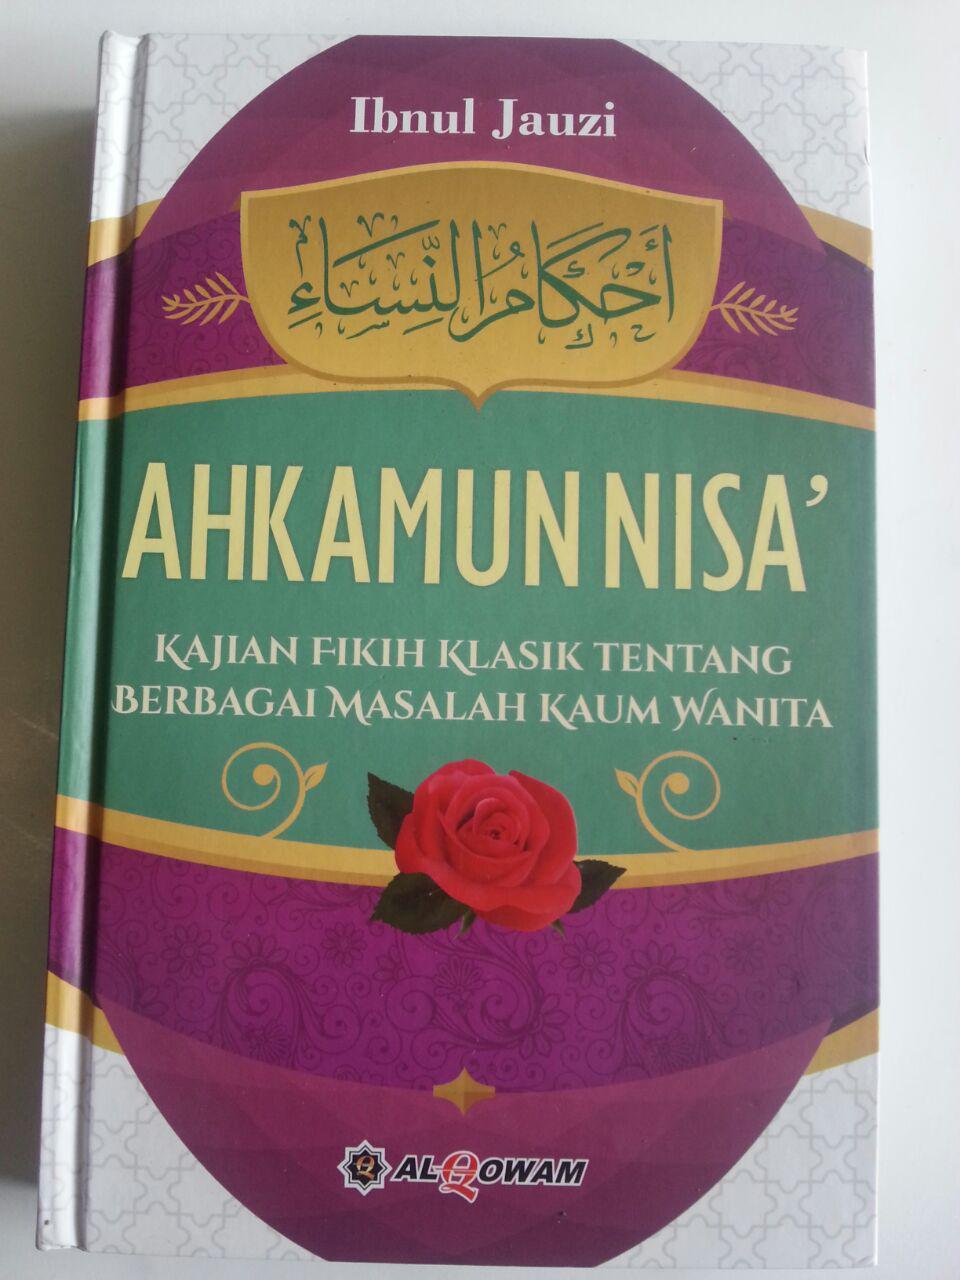 Buku Ahkamun Nisa Kajian Fikih Klasik Berbagai Masalah Kaum Wanita cover 2